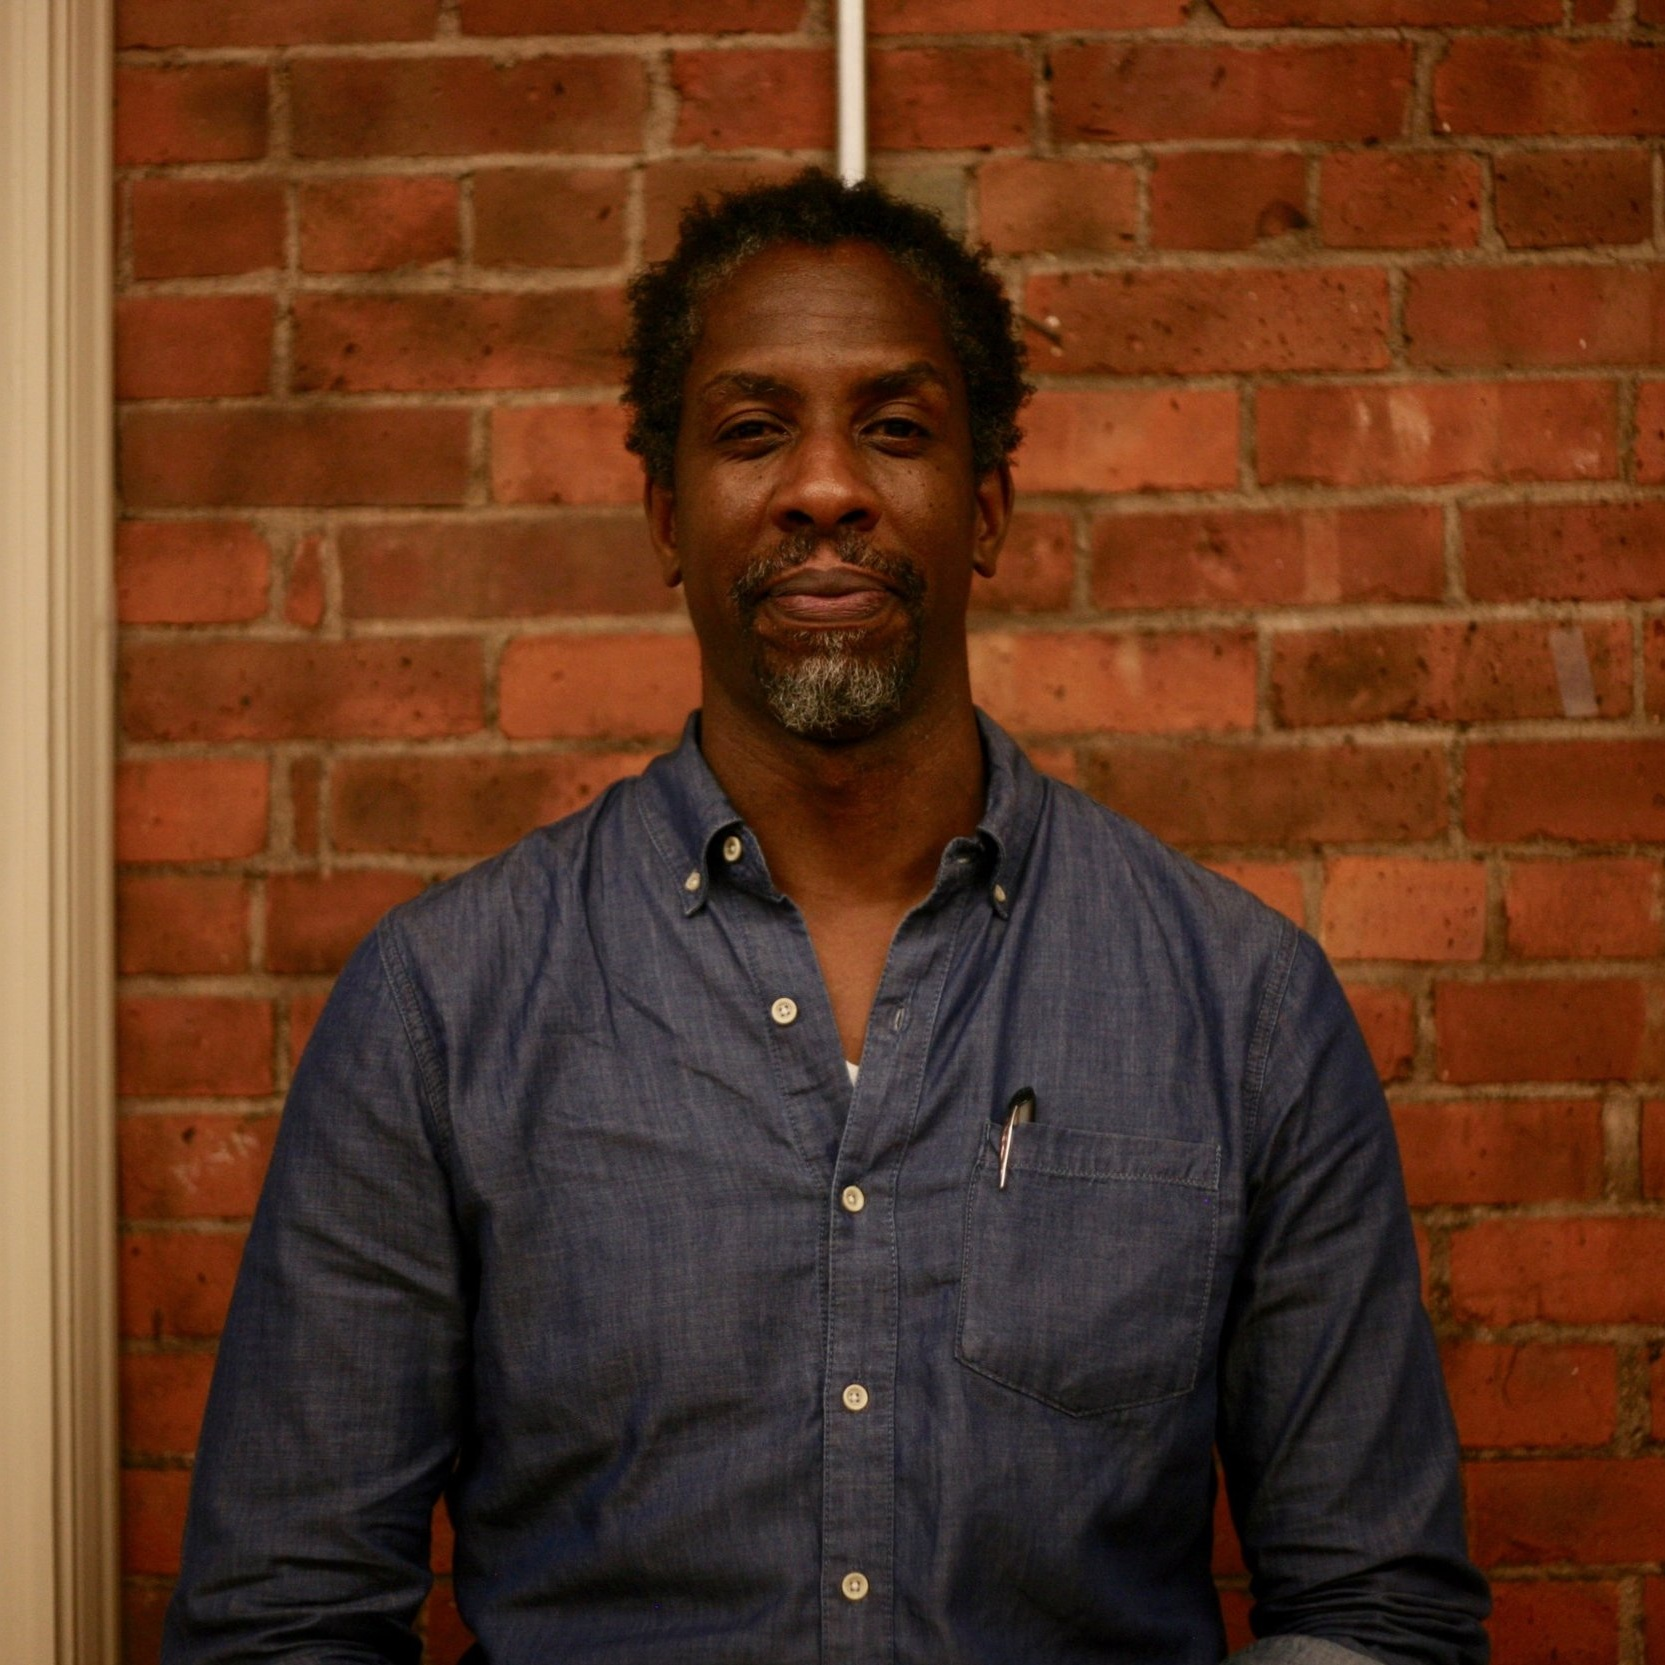 Damon Davis